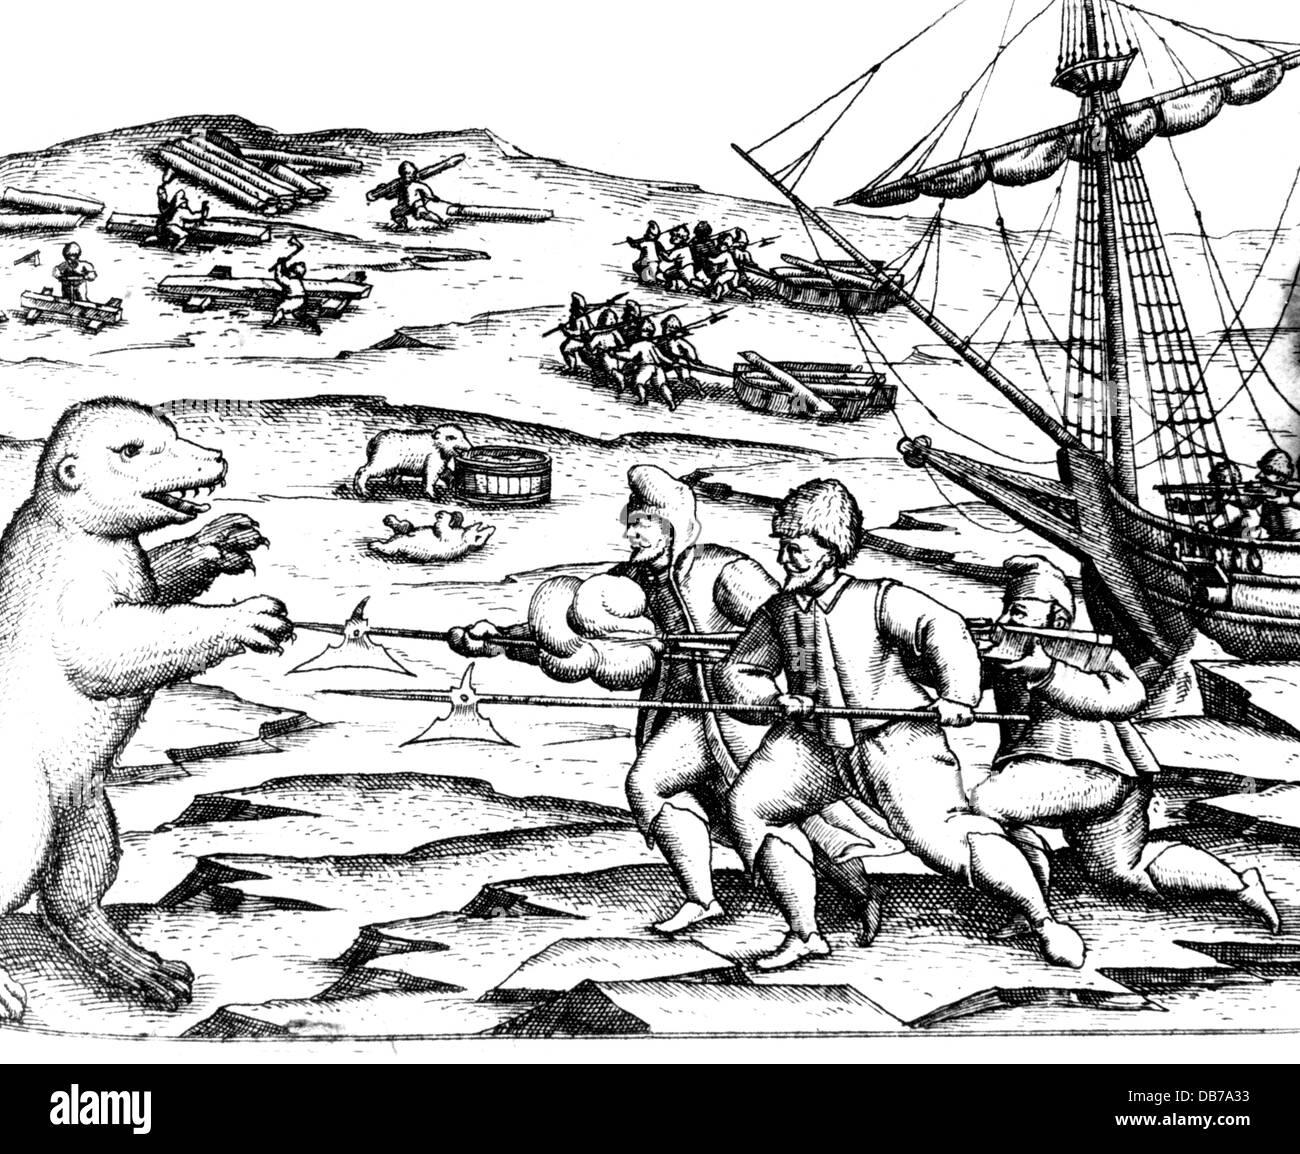 Barents, Willem, circa 1550 - 20.6.1597, Dutch navigator, third arctic expedition 1596 - 1597, hibernating on Novaya - Stock Image